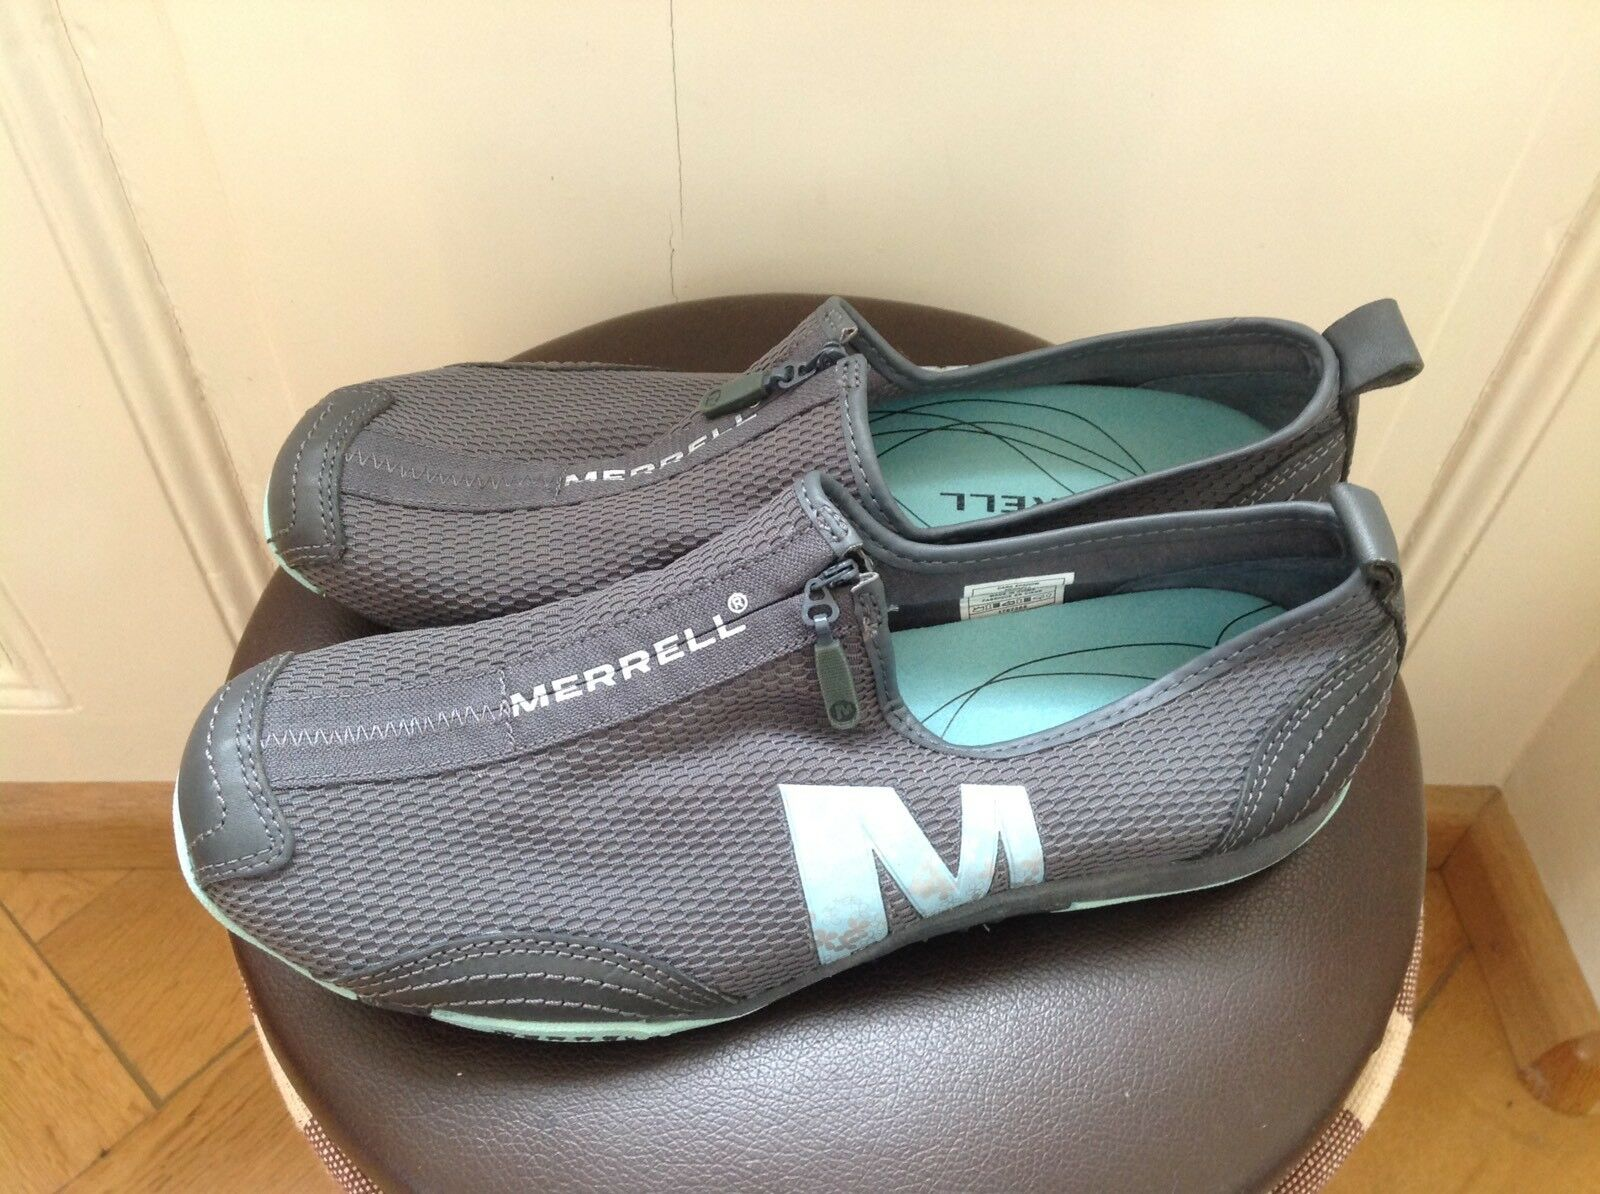 Merrel Sommer Schuhe Turnschuhe NEU Gr. Gr. NEU 39 Damen, super leicht 927991